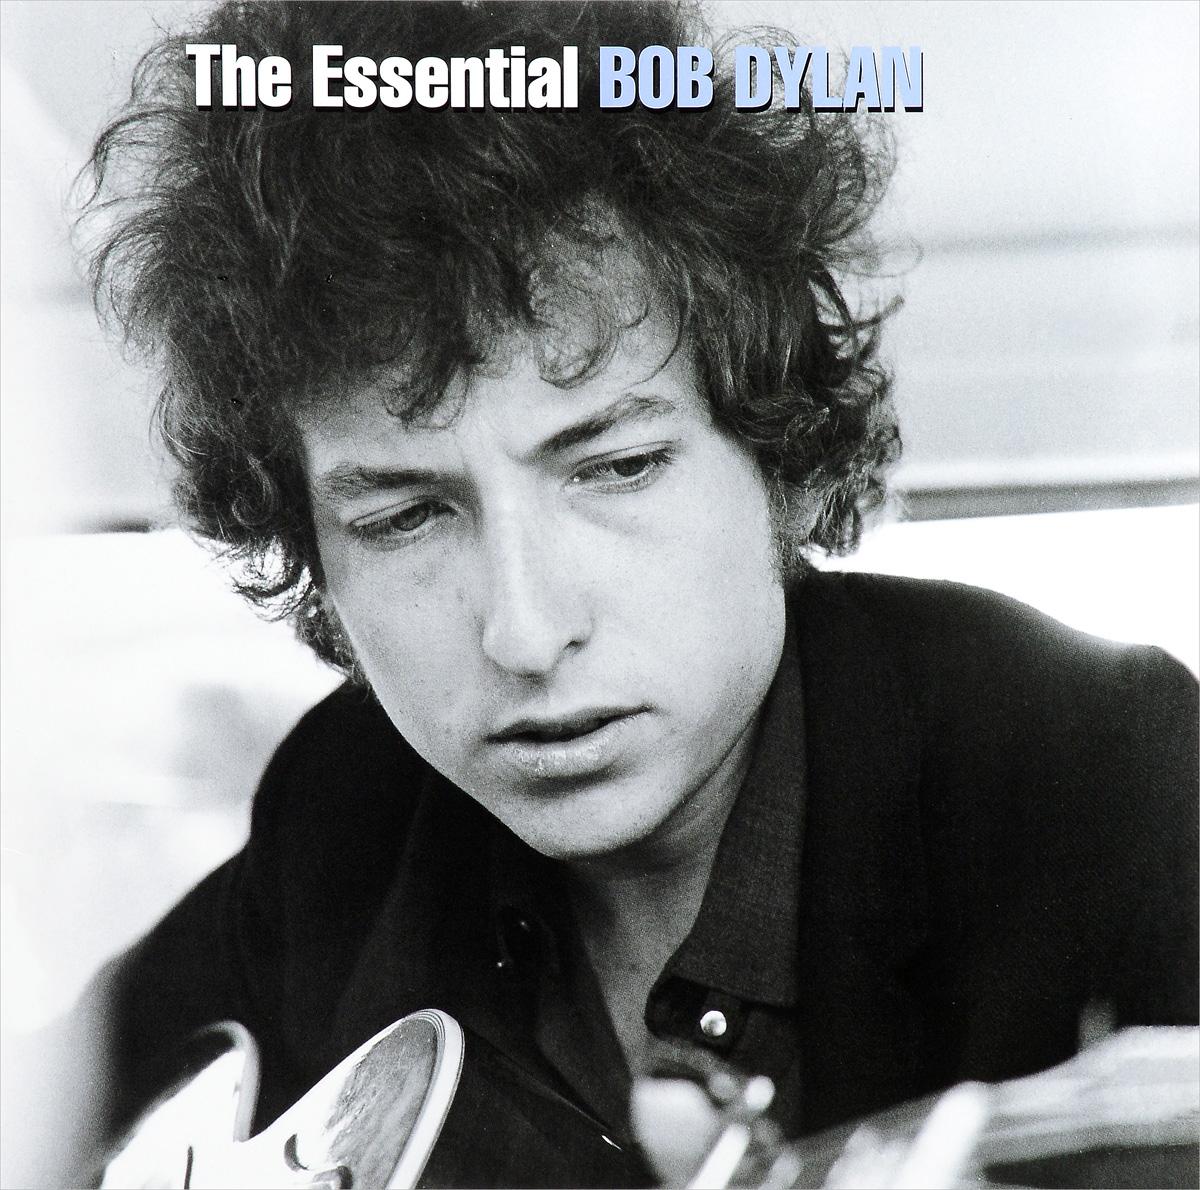 Боб Дилан Bob Dylan. The Essential (2 LP) боб дилан левон хелм робби робертсон гарт хадсон dylan bob